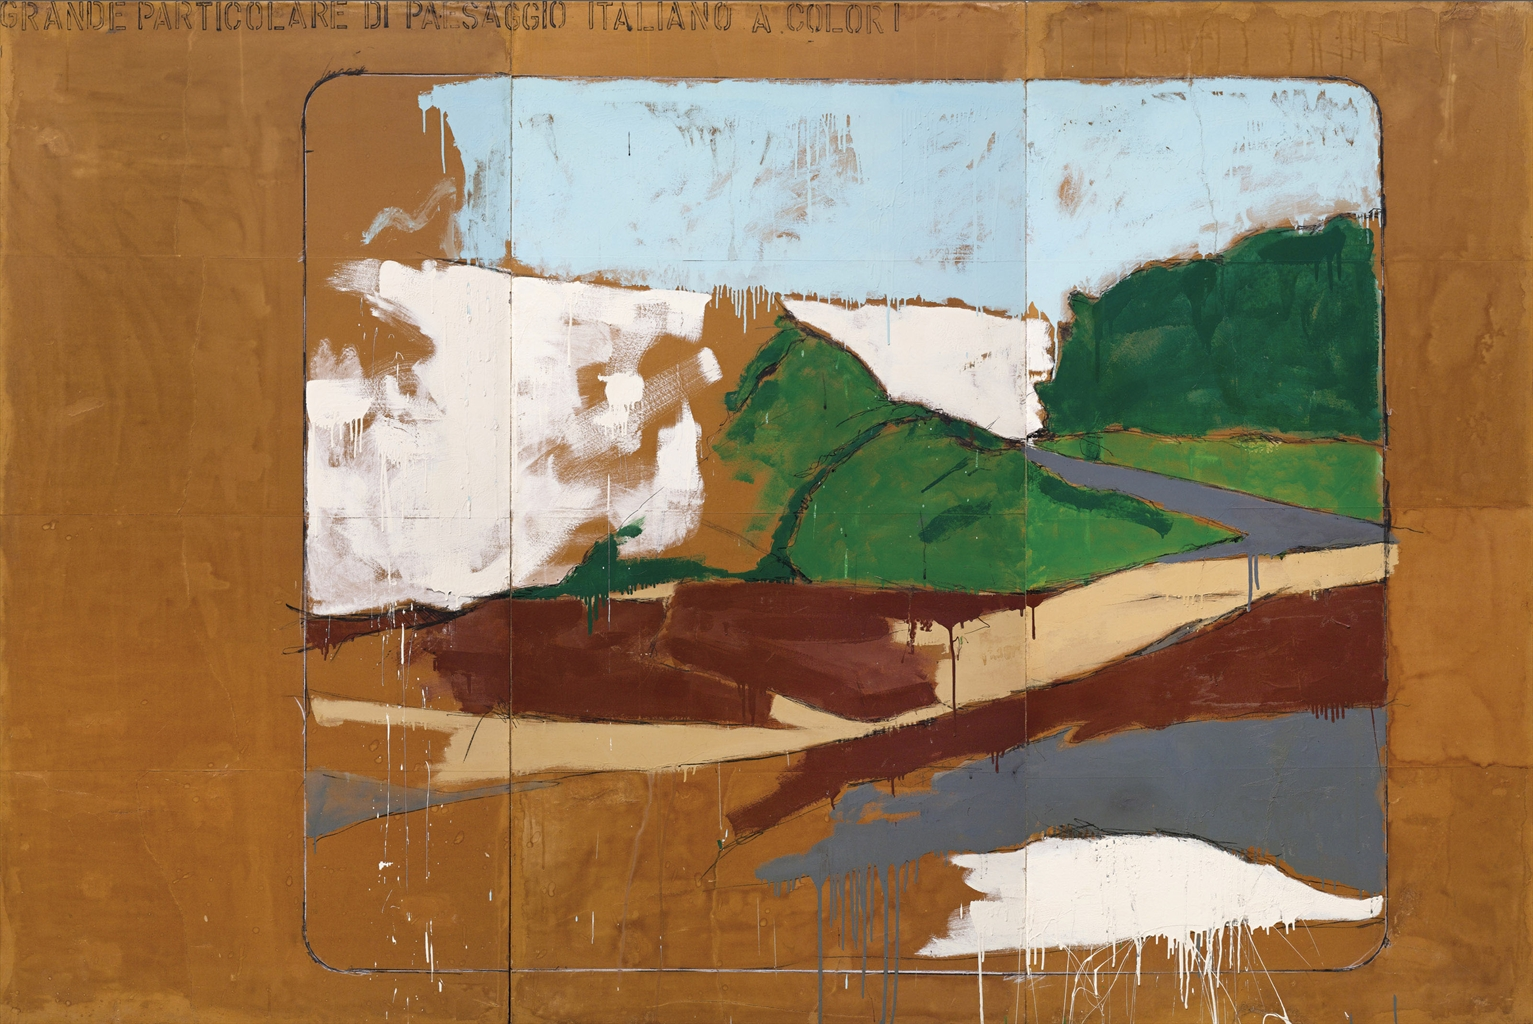 Mario Schifano-Grande particolare di paesaggio italiano a colori (Big Detail of an Italian Landscape in Colour)-1963